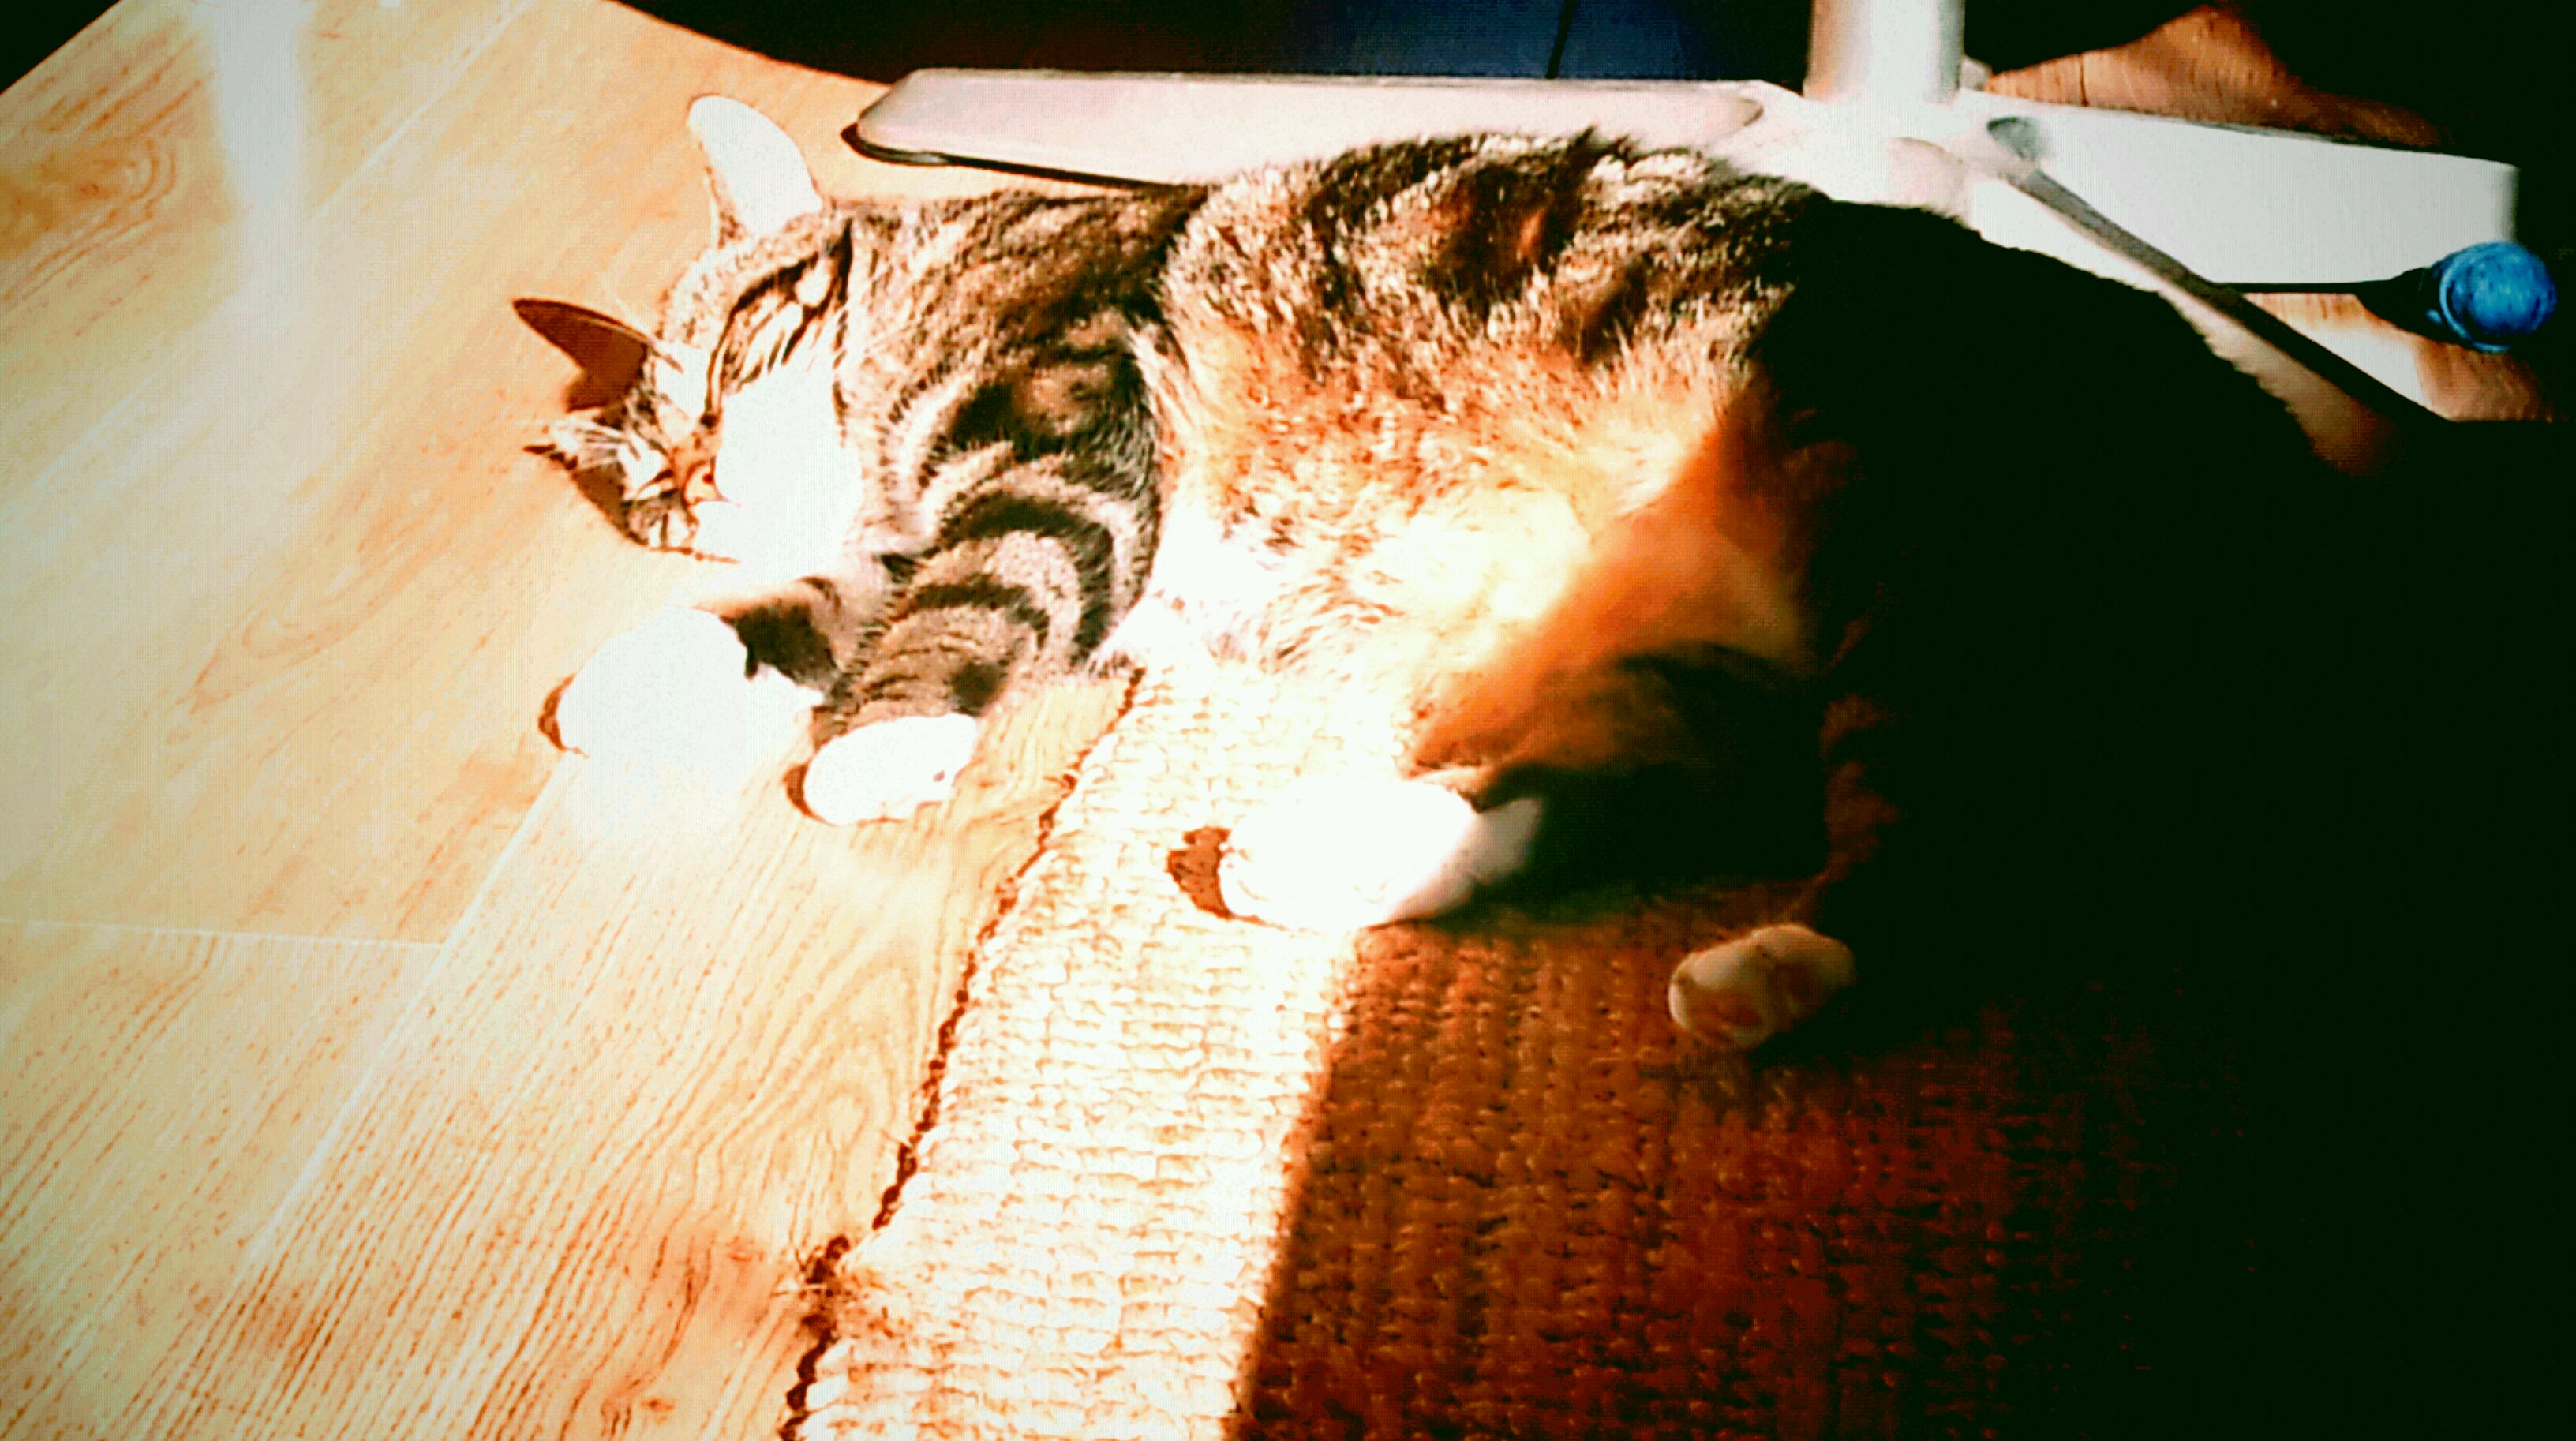 Schuif eens wat op Puk, kom er naast liggen! (16-10-2011 @ 15:05u)